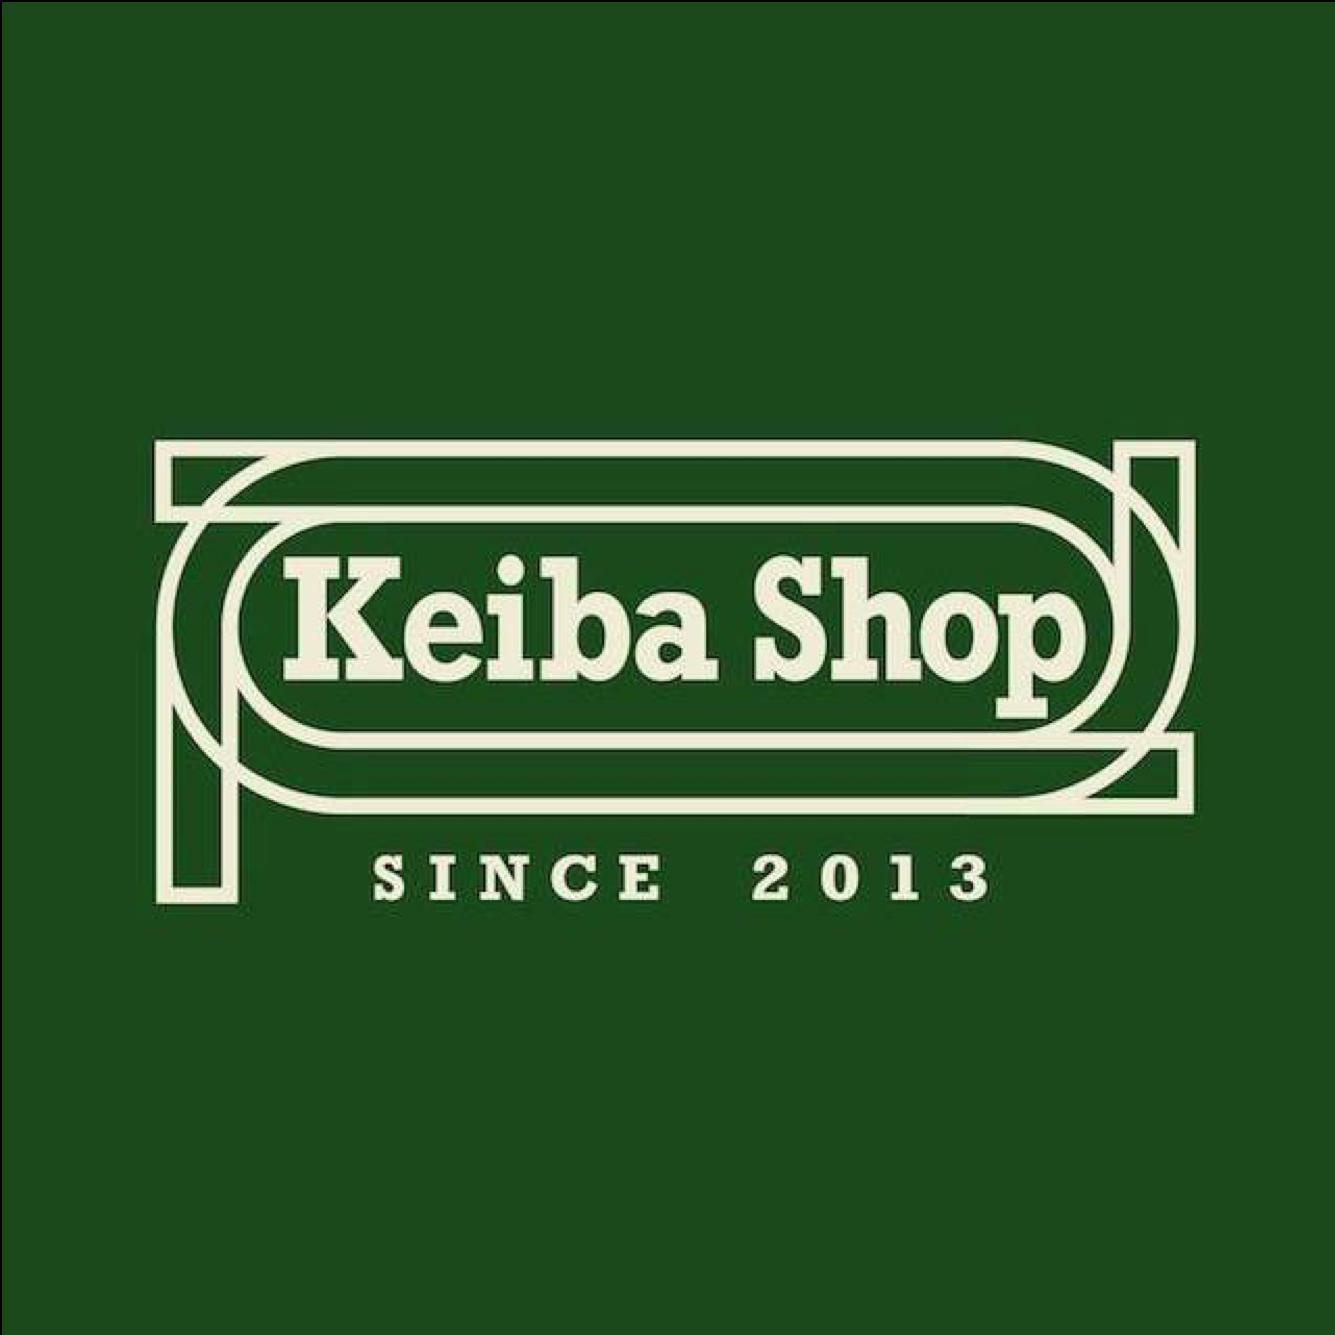 Keiba Shop ロゴデザイン